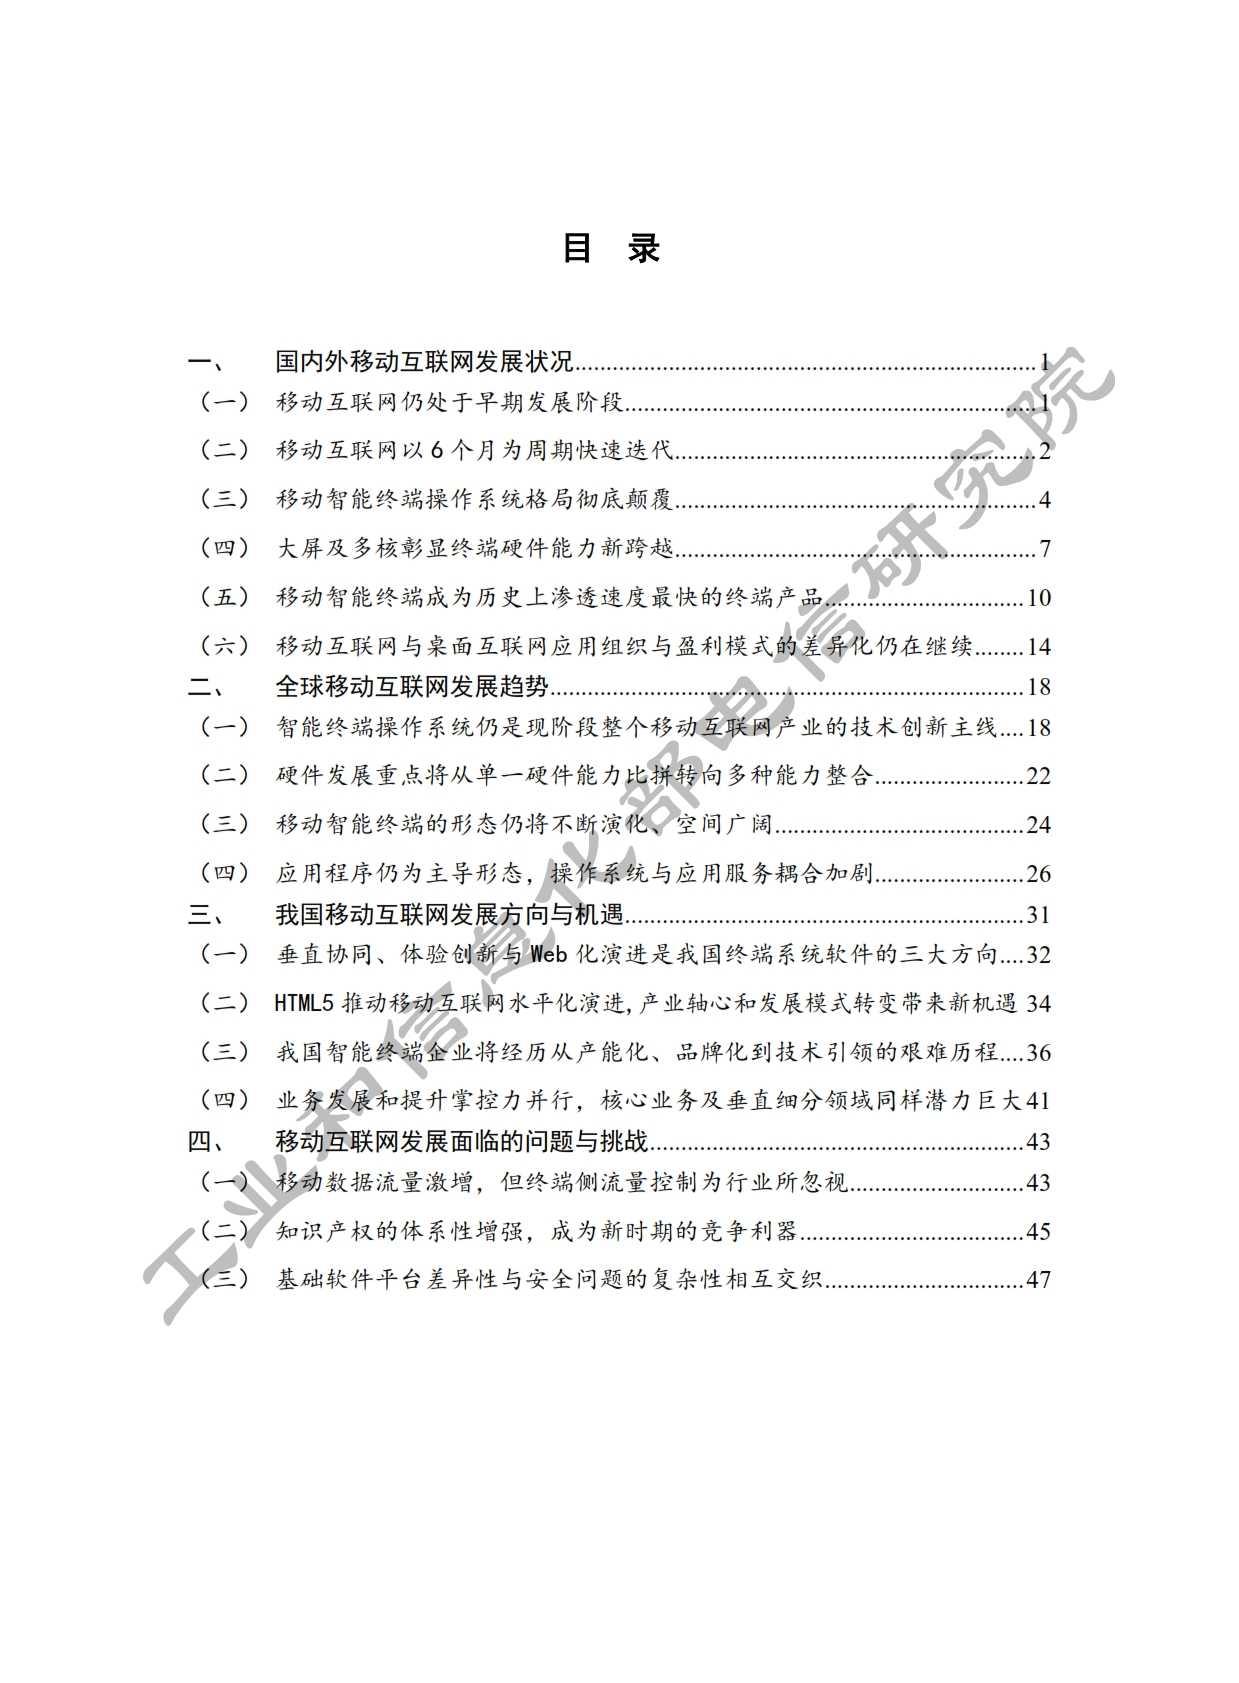 工信部:2013年中国移动互联网白皮书_004